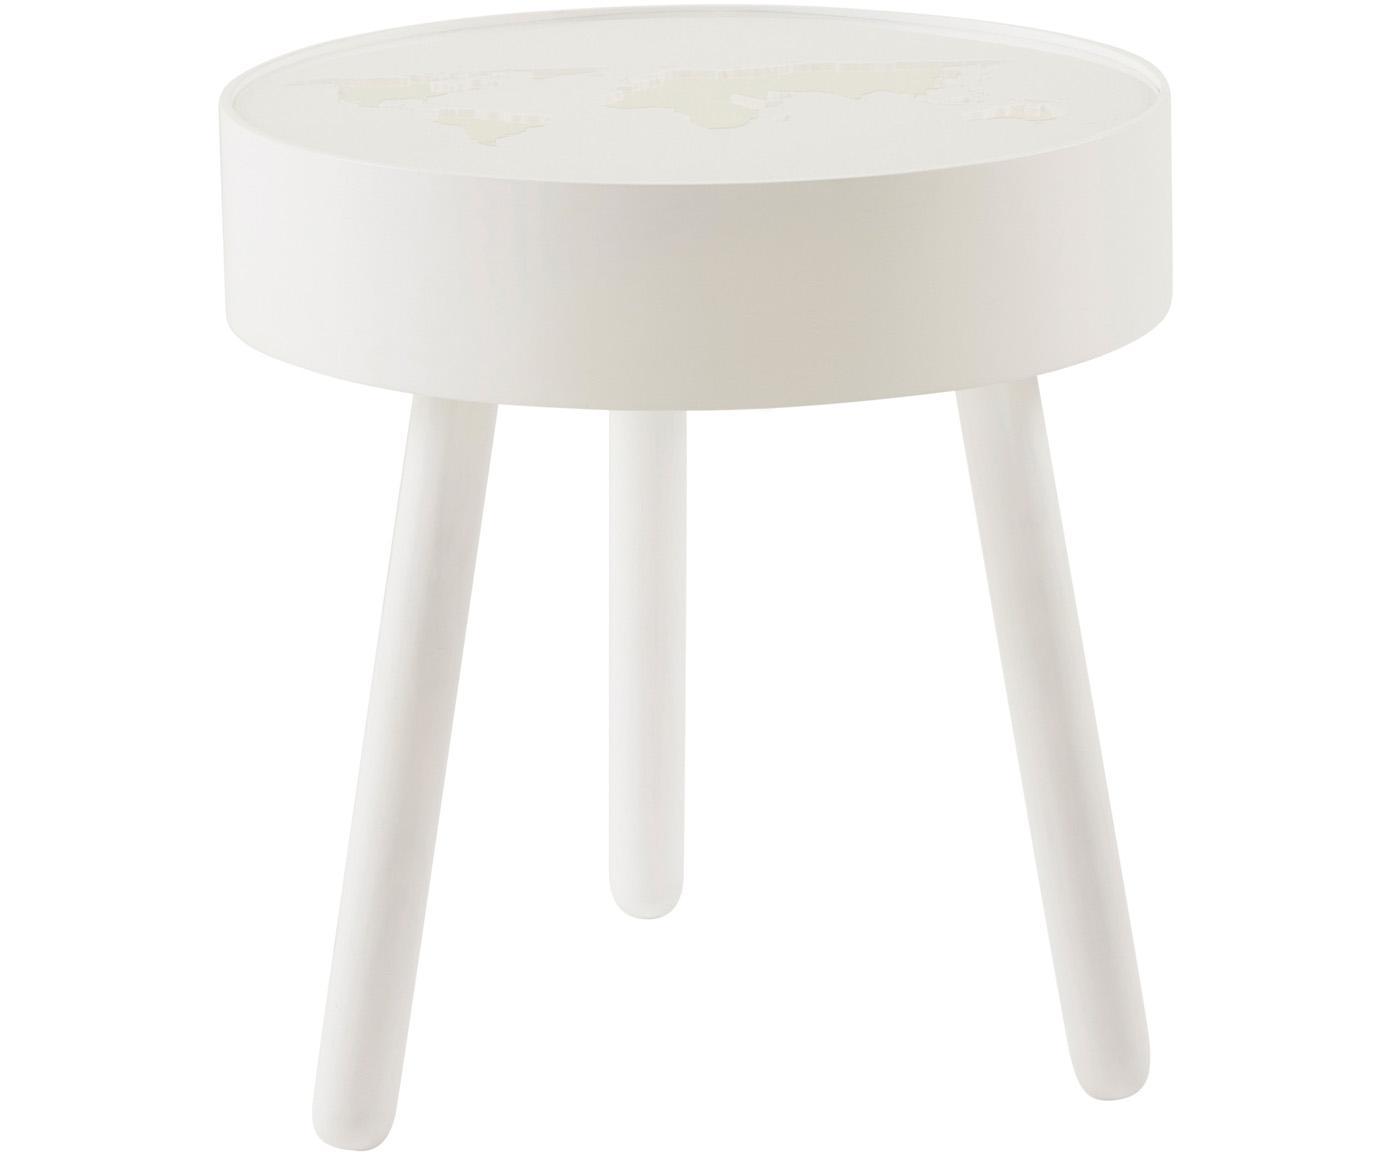 Lampada da terra LED Monroy, Struttura: legno, Piano d'appoggio: vetro acrilico, Bianco, Ø 40 x Alt. 42 cm